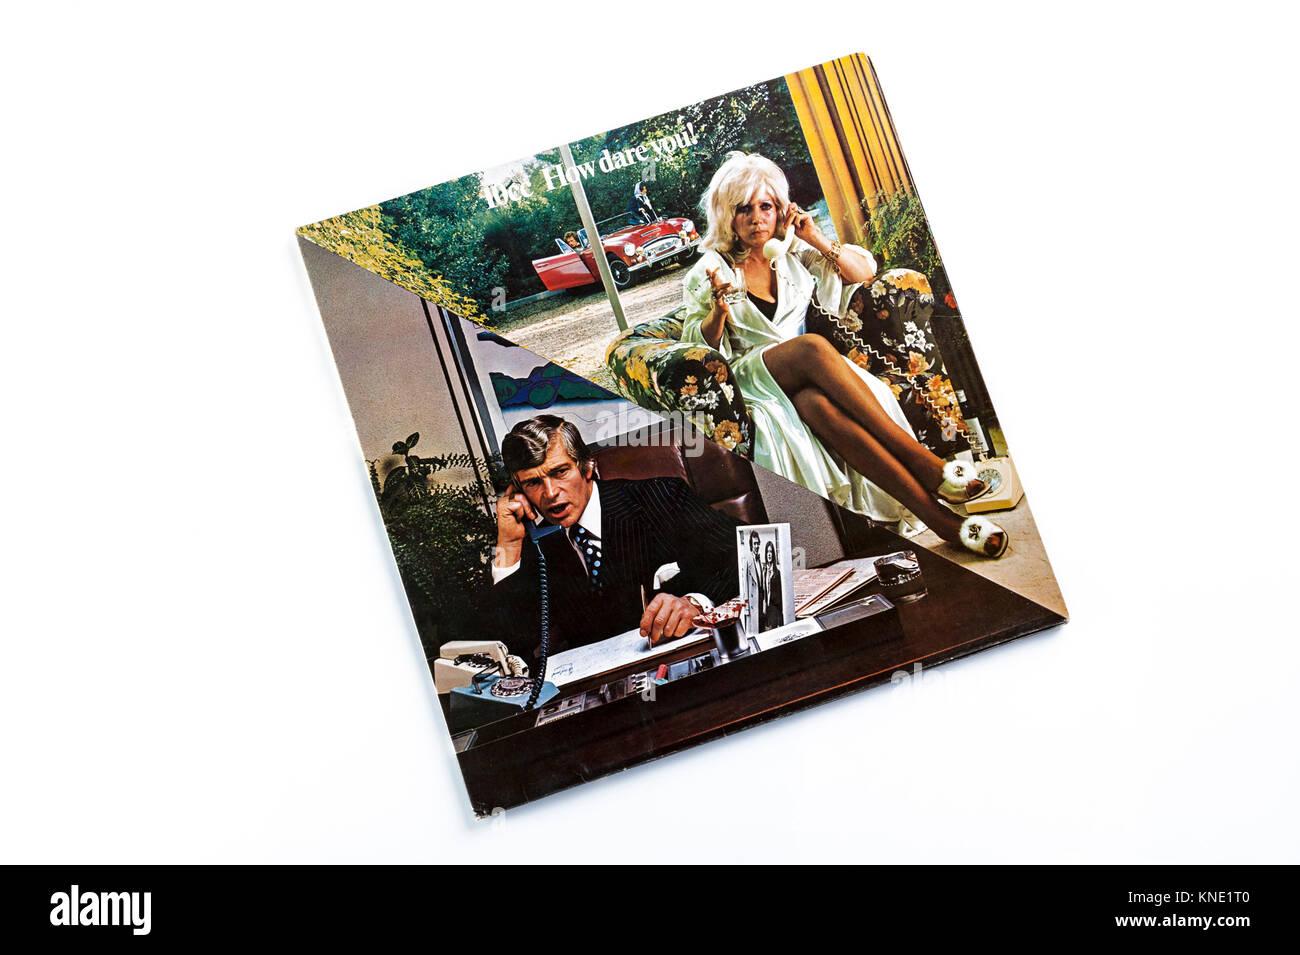 Album Covers 1970s Stock Photos Amp Album Covers 1970s Stock